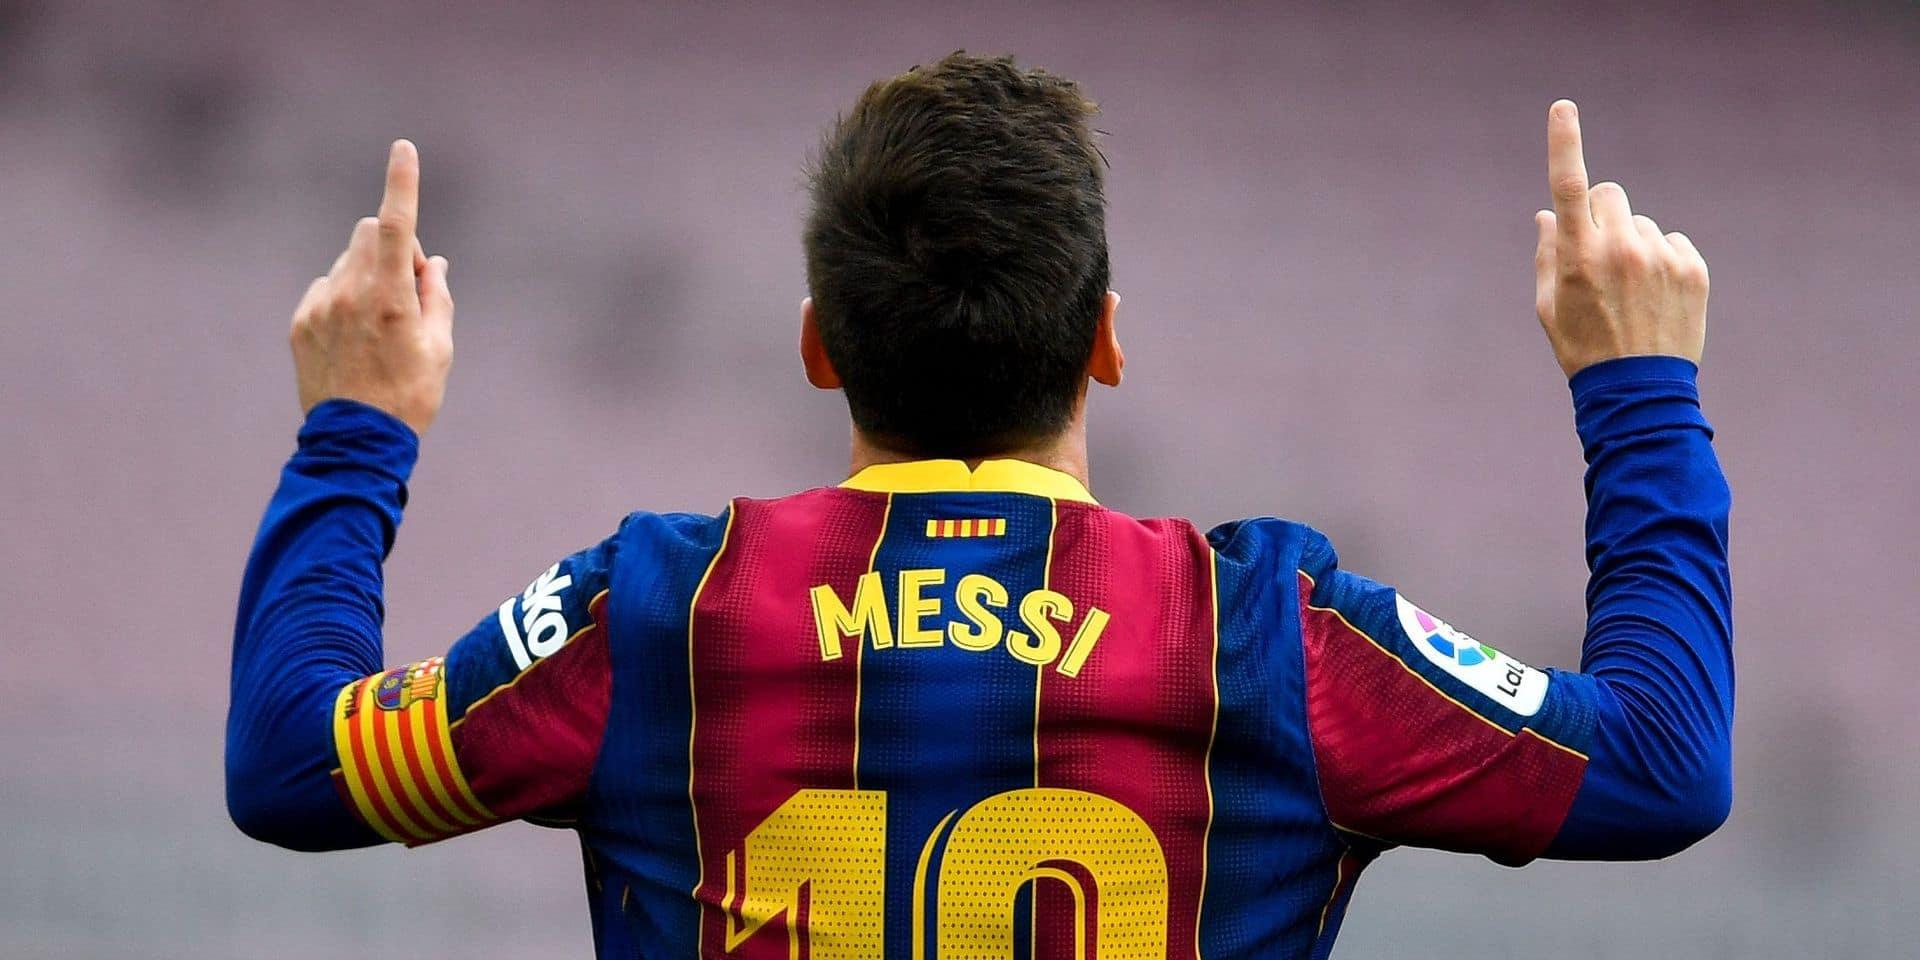 Messi ne participera pas à la dernière journée: aurait-il déjà joué son dernier match pour le Barça?